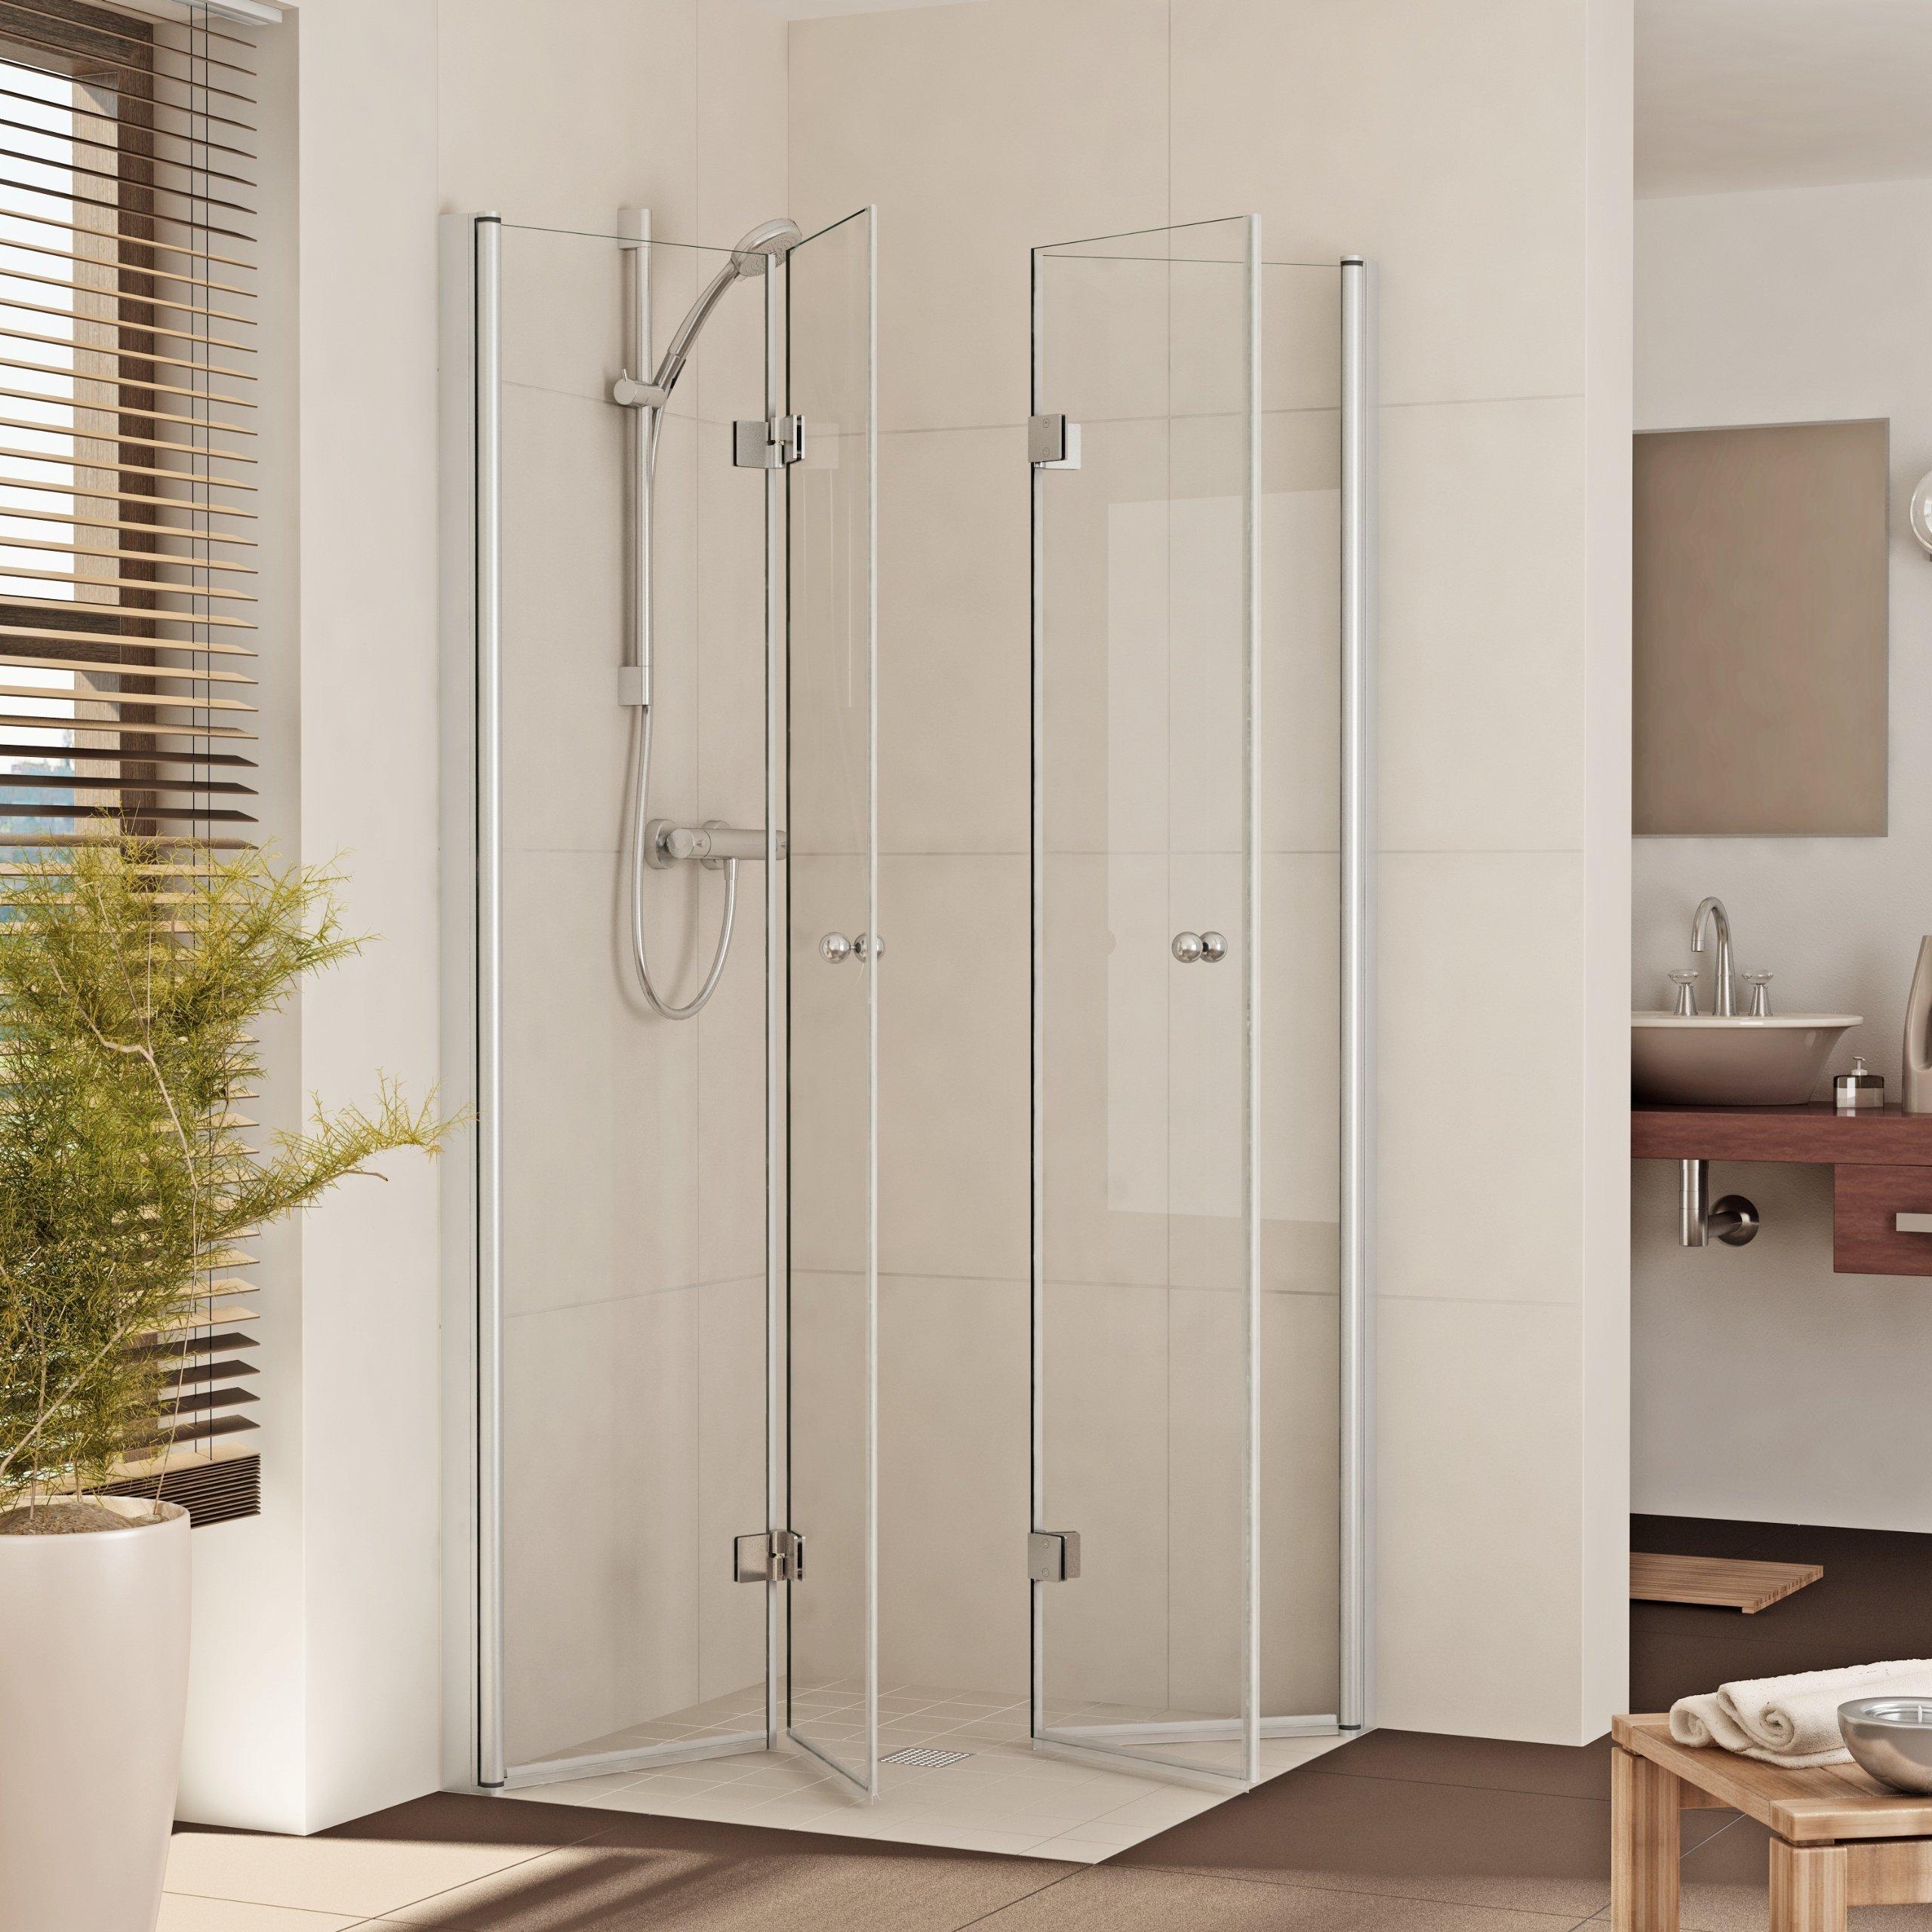 Mampara de ducha plegable ducha drehfalt Puerta esquina. esquina ducha de cristal b: 90 – 120 cm de misma Precio. H: 185/200 cm: Amazon.es: Hogar